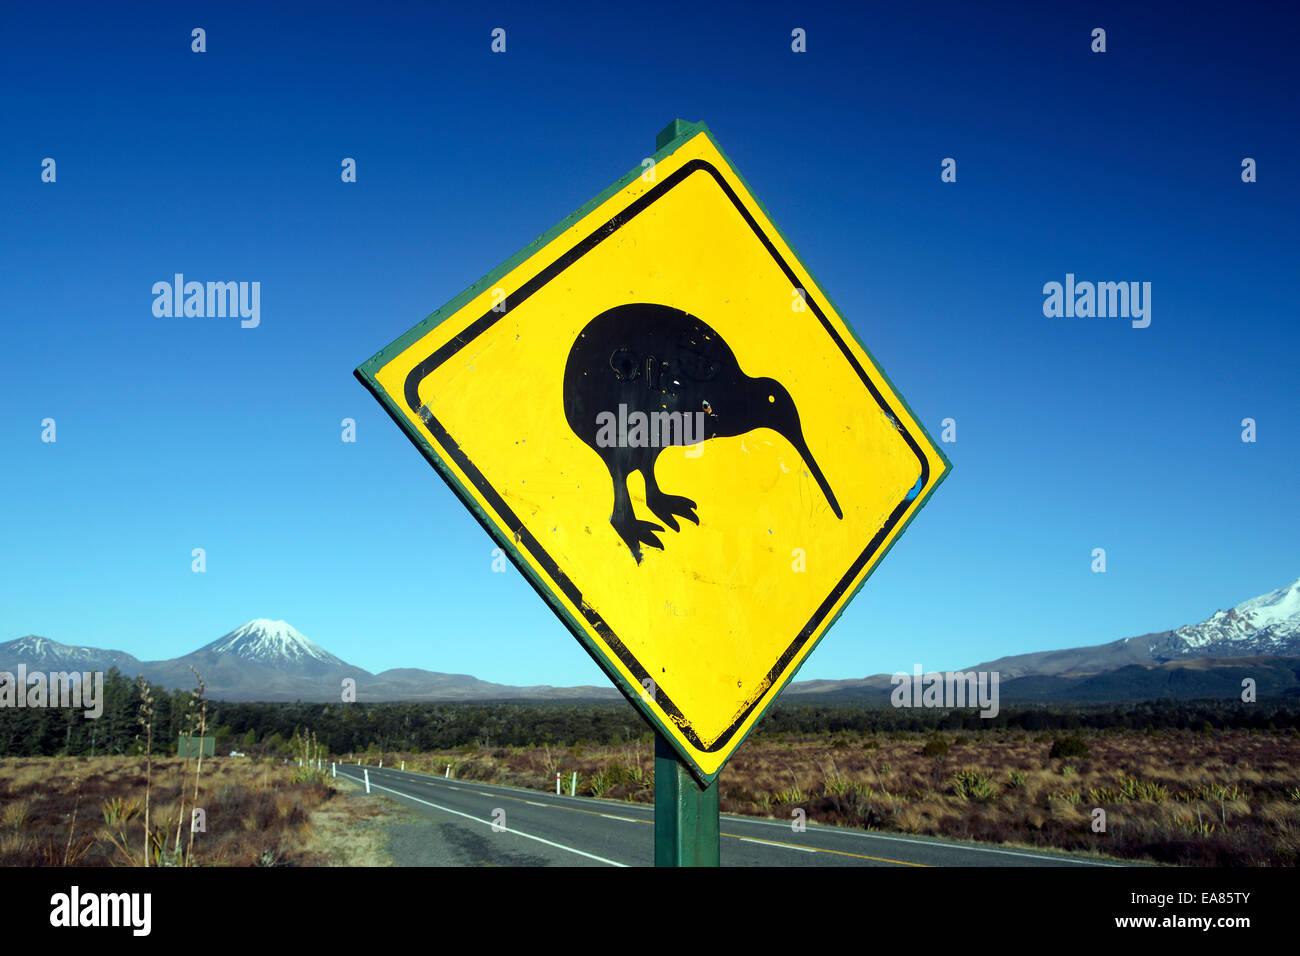 Kiwi road sign and Mount Ngauruhoe - Stock Image